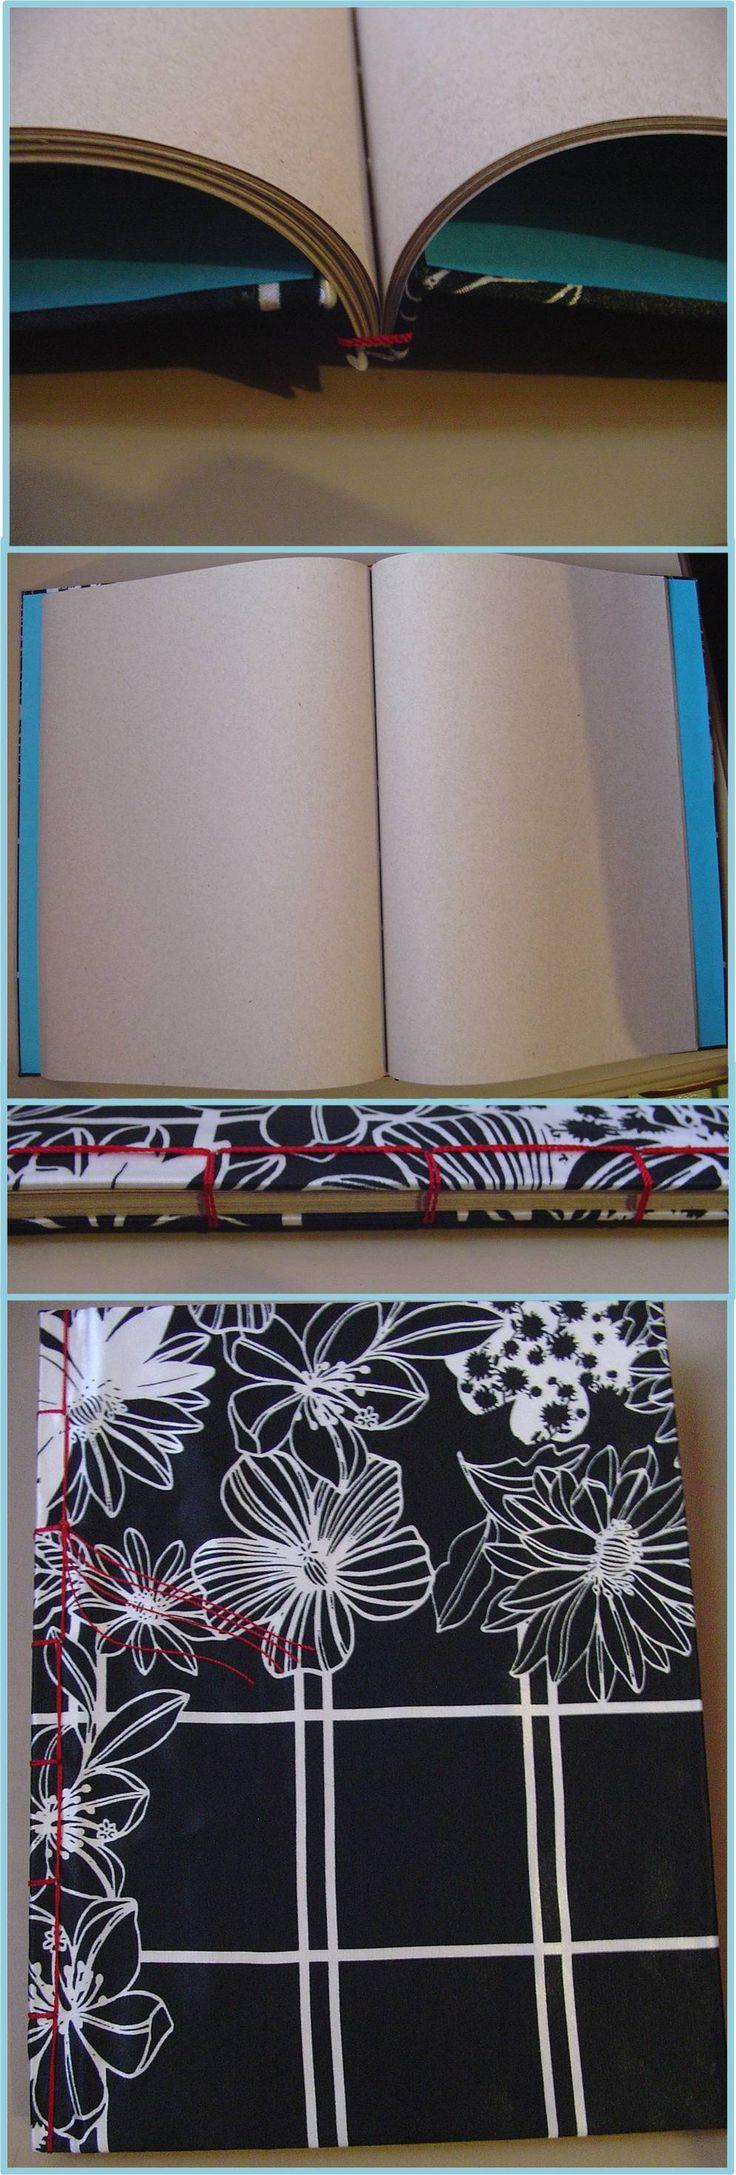 Cuaderno hecho a mano, cosido japonés, hojas recicladas, pastas cubiertas de tela.    ***     Book binding, crafts, stab binding, notebook, encuadernado, encuadernación, cuaderno